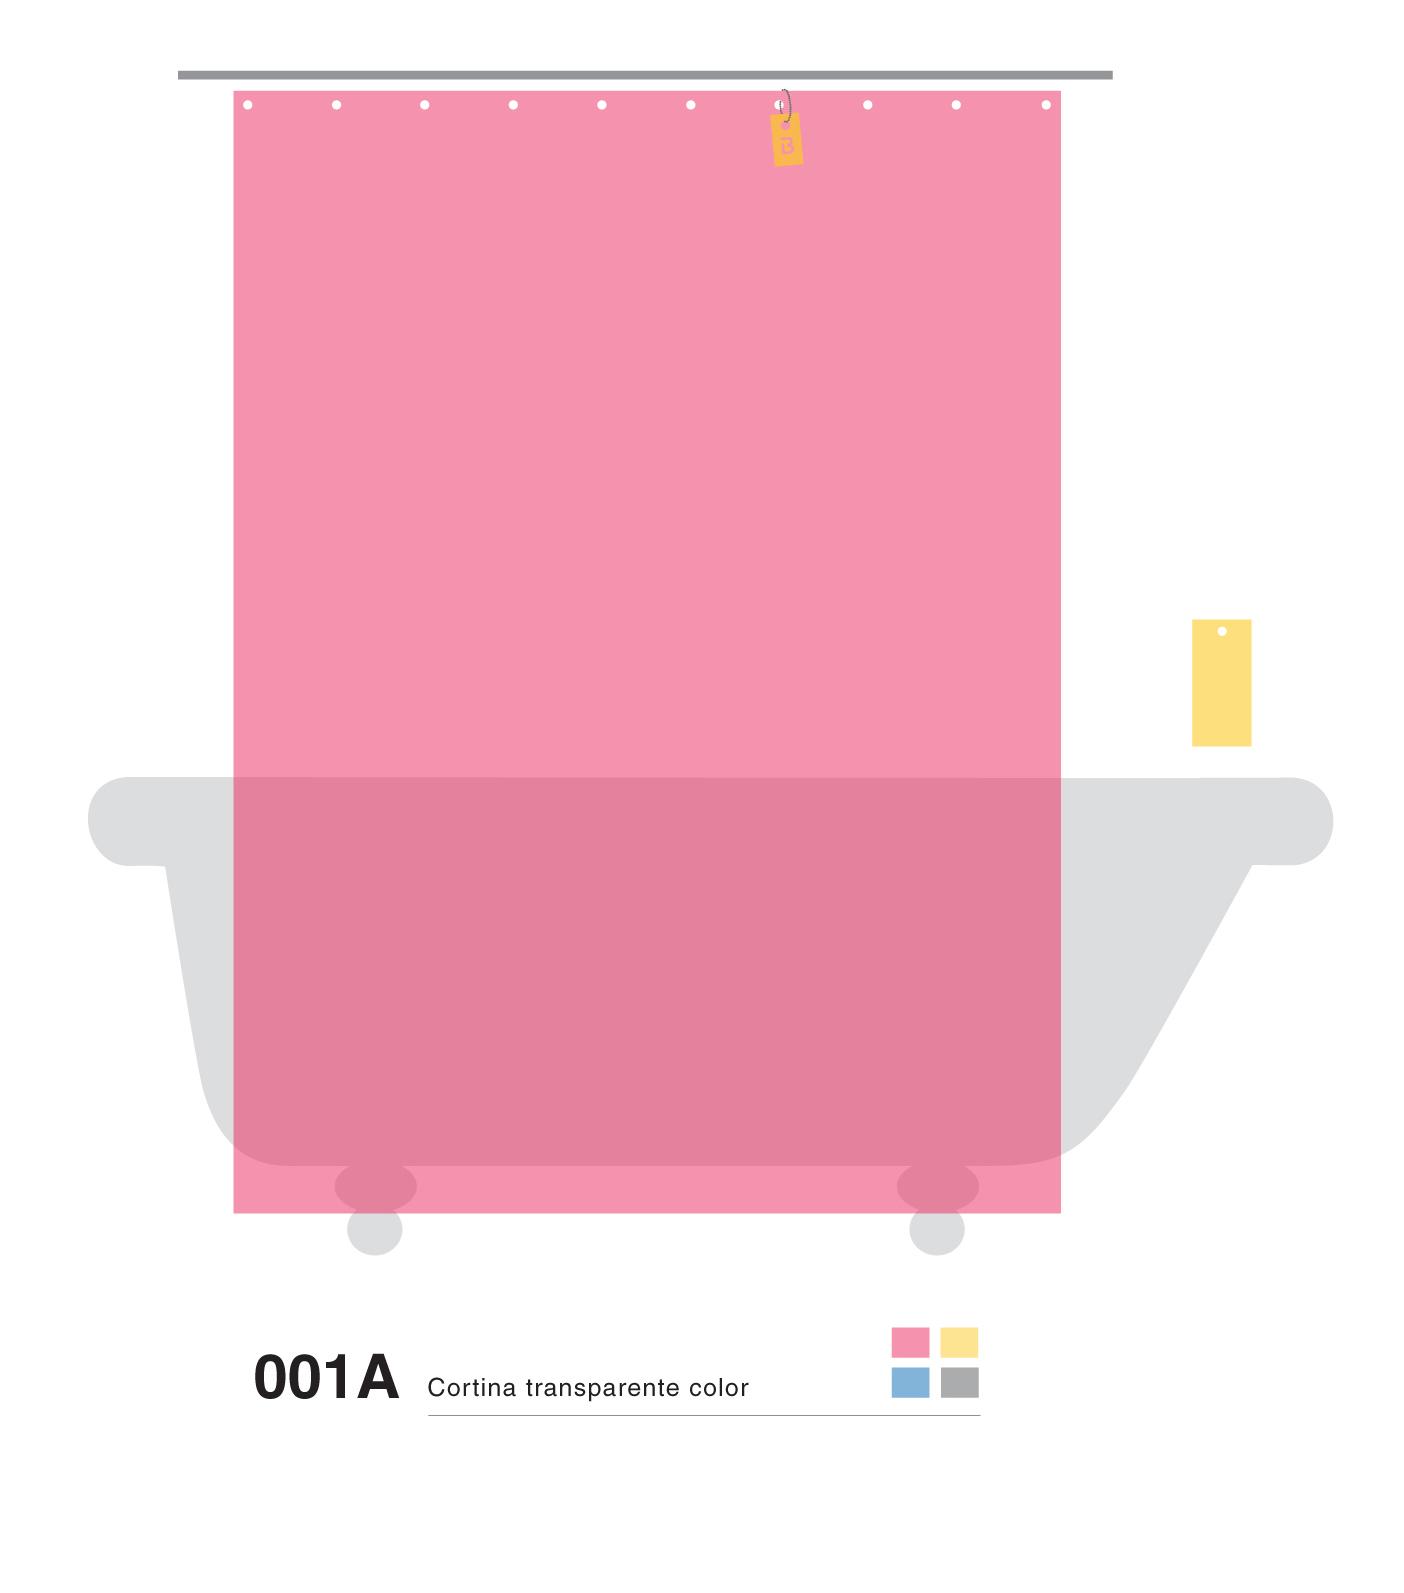 Cortinas De Baño Rosario:Estas son las B transparentes de color con fondo , vos podes armarla a